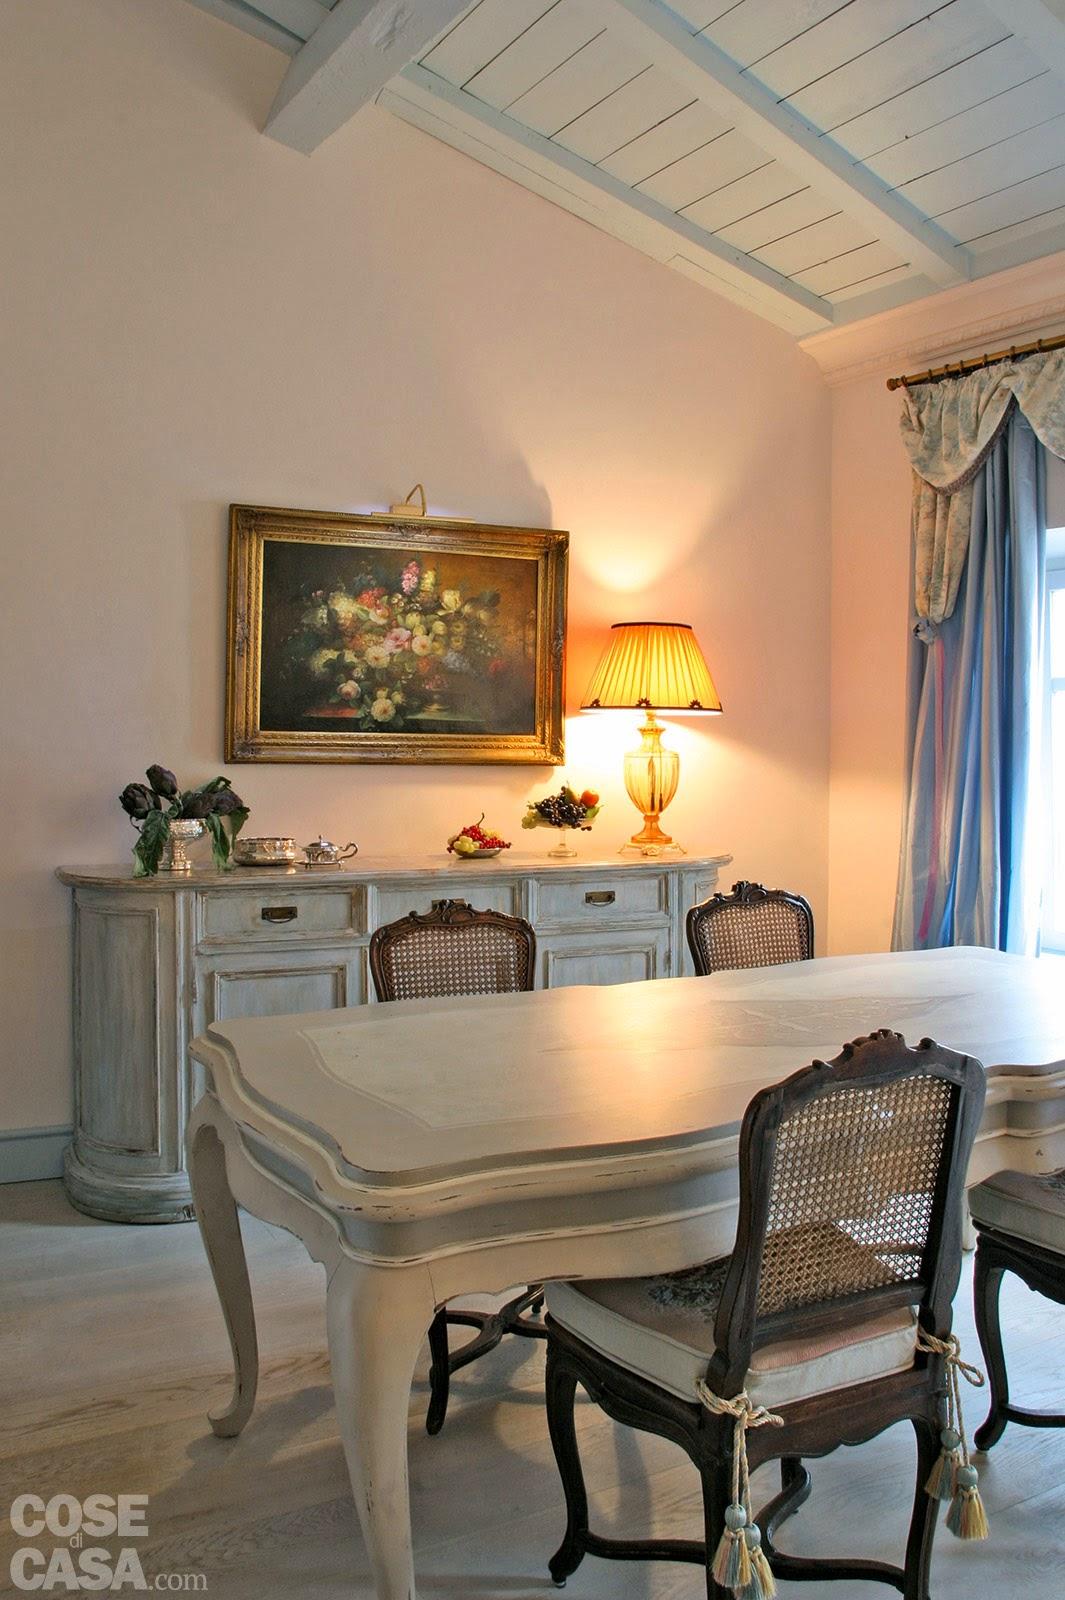 Interior design small space 60 mq una casa in tonalit for Poste mobili 0 pensieri small